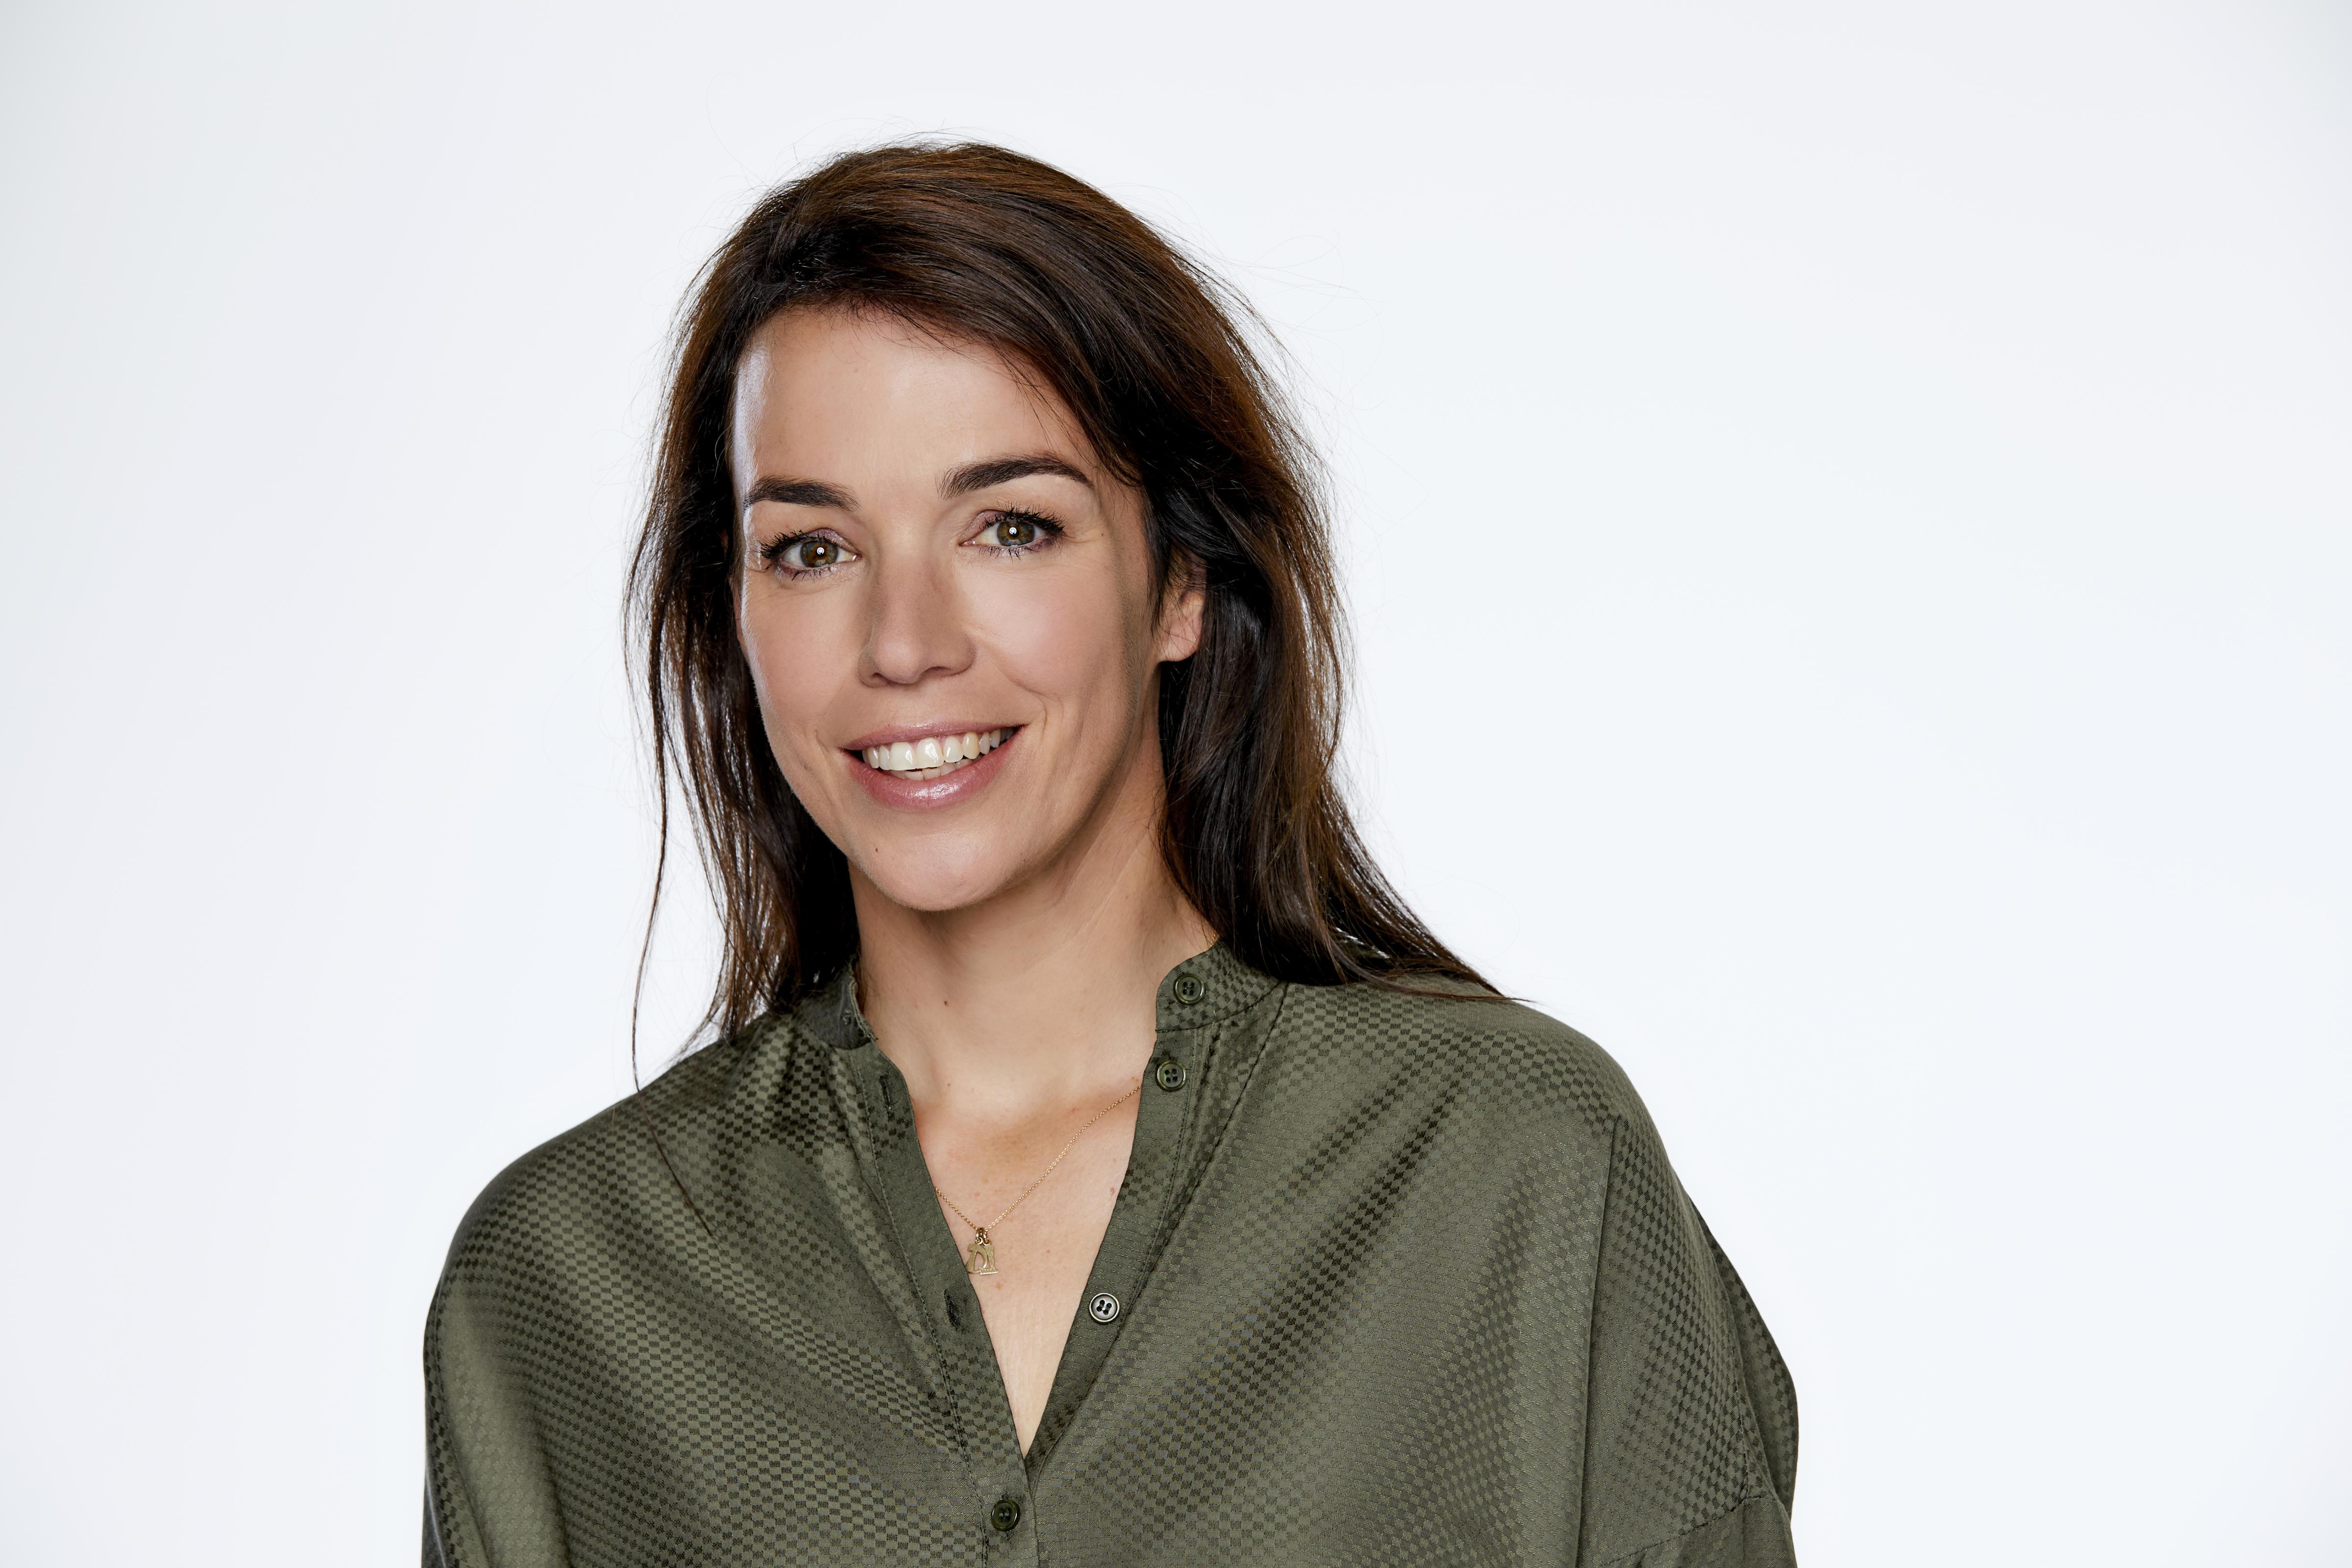 Liesbeth Staats nieuwe presentator VPRO Nooit meer slapen op vrijdag